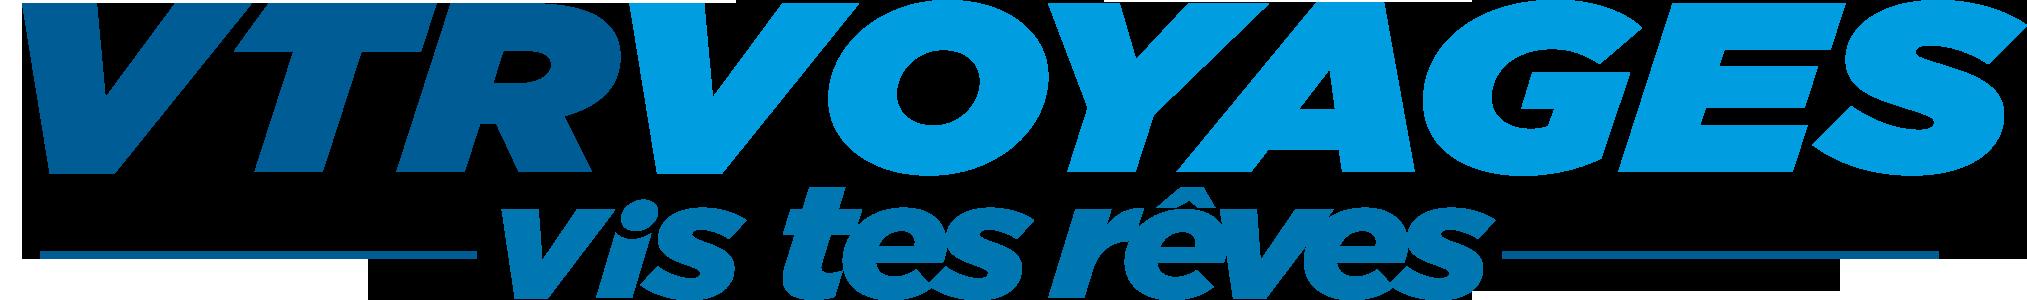 logo_vtr